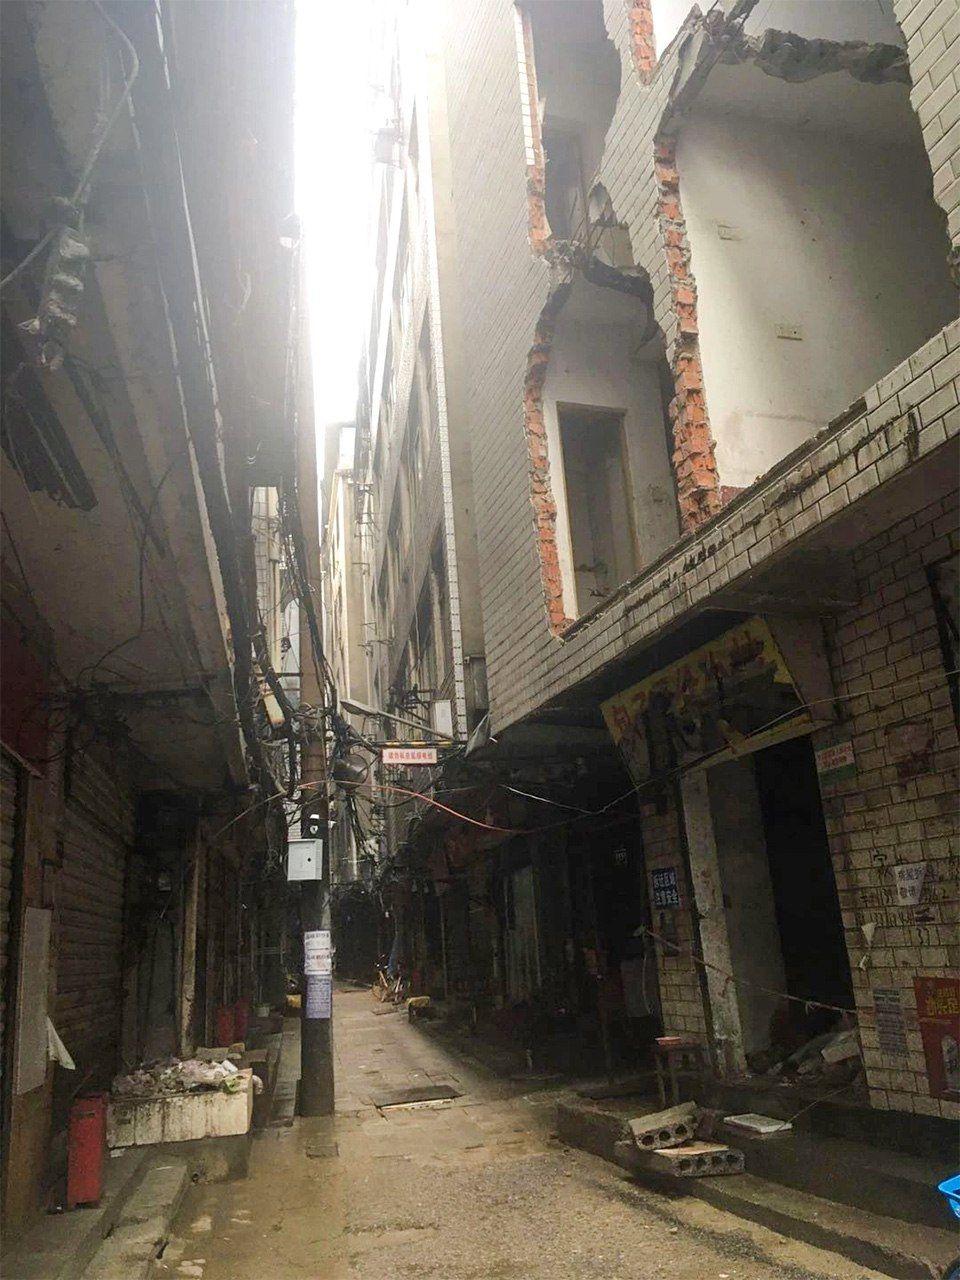 武漢大学東門近くの再開発エリアで打ち壊された住居。封鎖直前の時期に撮影